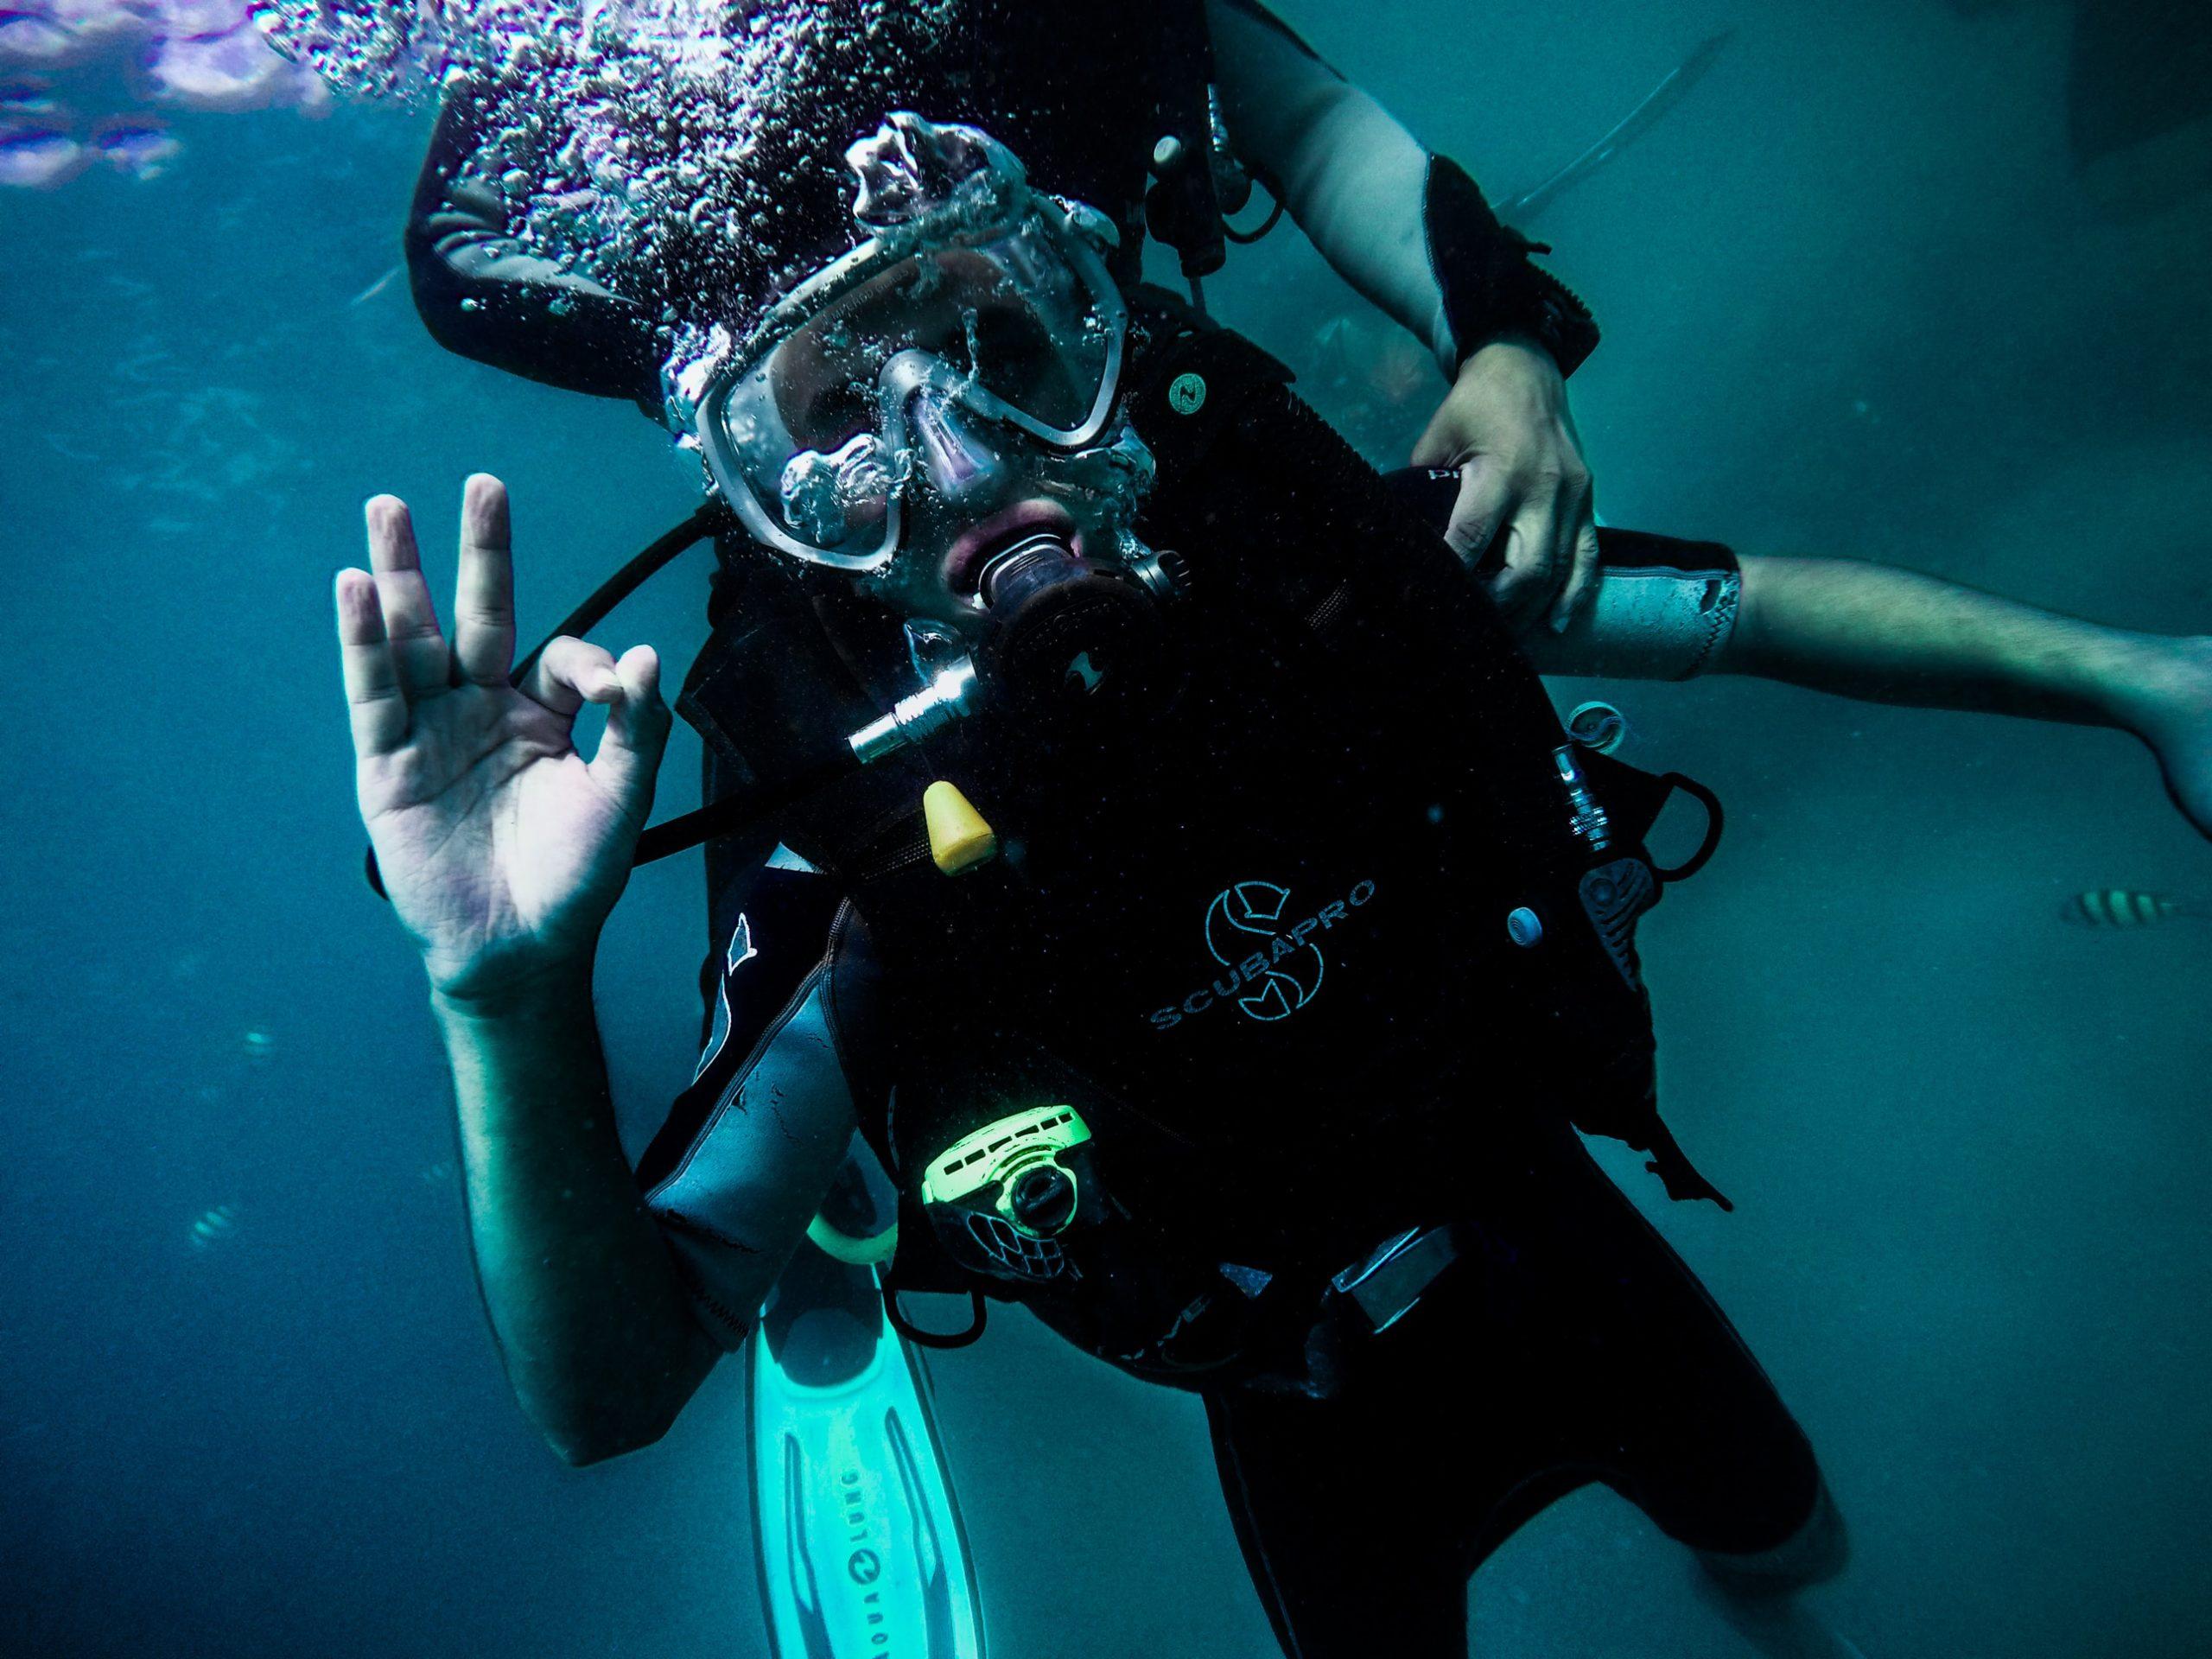 【結論】現職を続けながら水面下で転職活動してみる